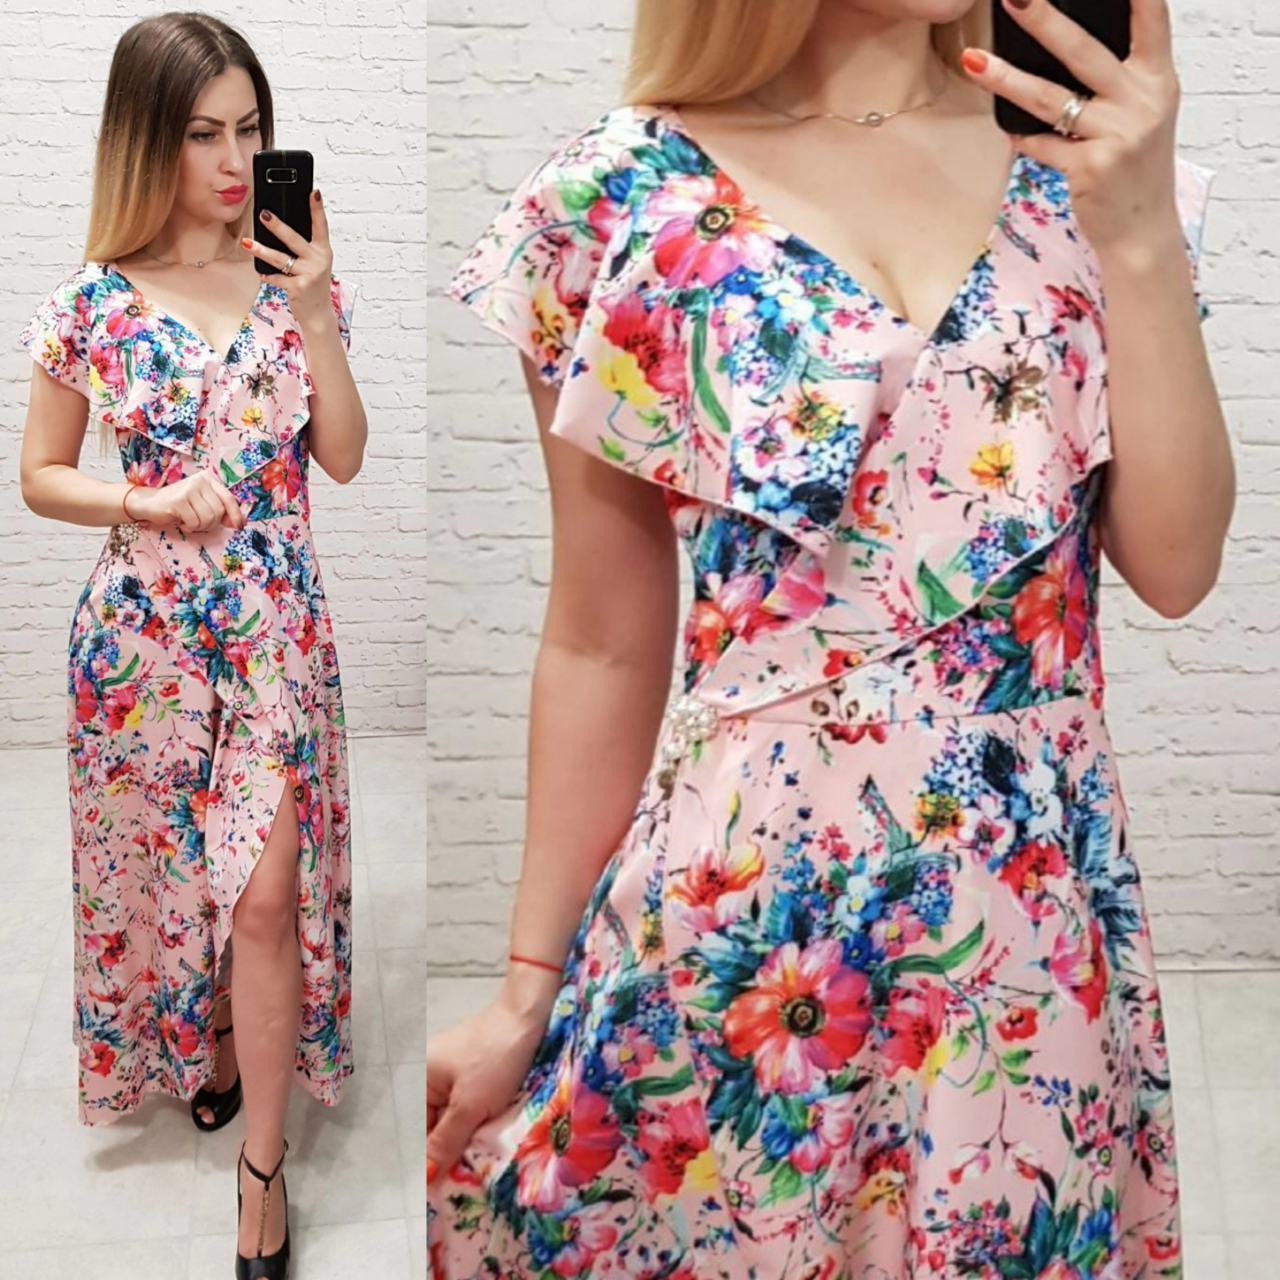 Новинка!!! Жіночна сукня на запах з брошкою, довжина максі, принт маки на пудровом